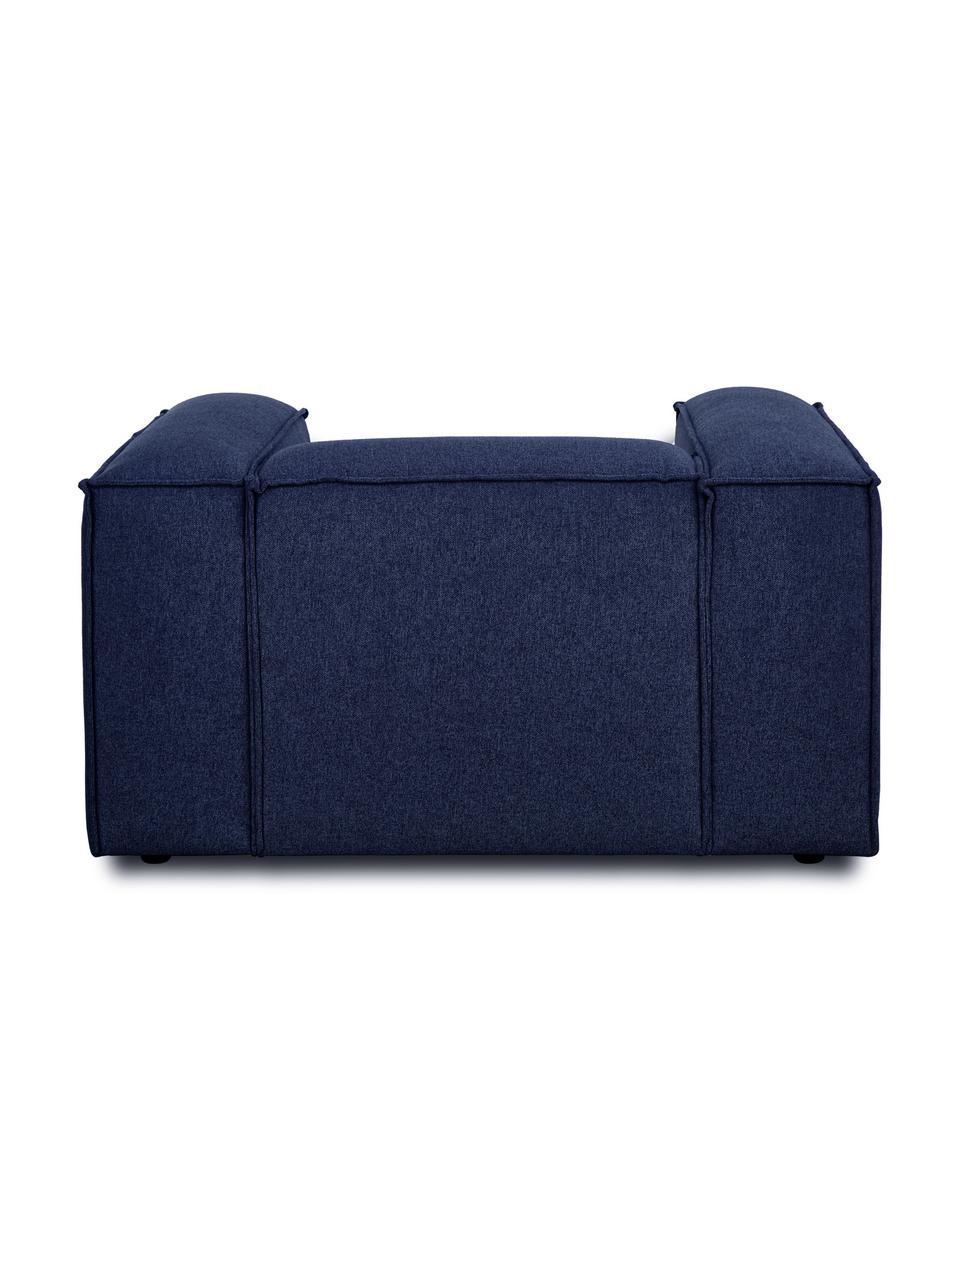 Poltrona in tessuto blu Lennon, Rivestimento: 100% poliestre Con 115.00, Struttura: legno di pino massiccio, , Piedini: plastica I piedini si tro, Tessuto blu, Larg. 130 x Alt. 101 cm